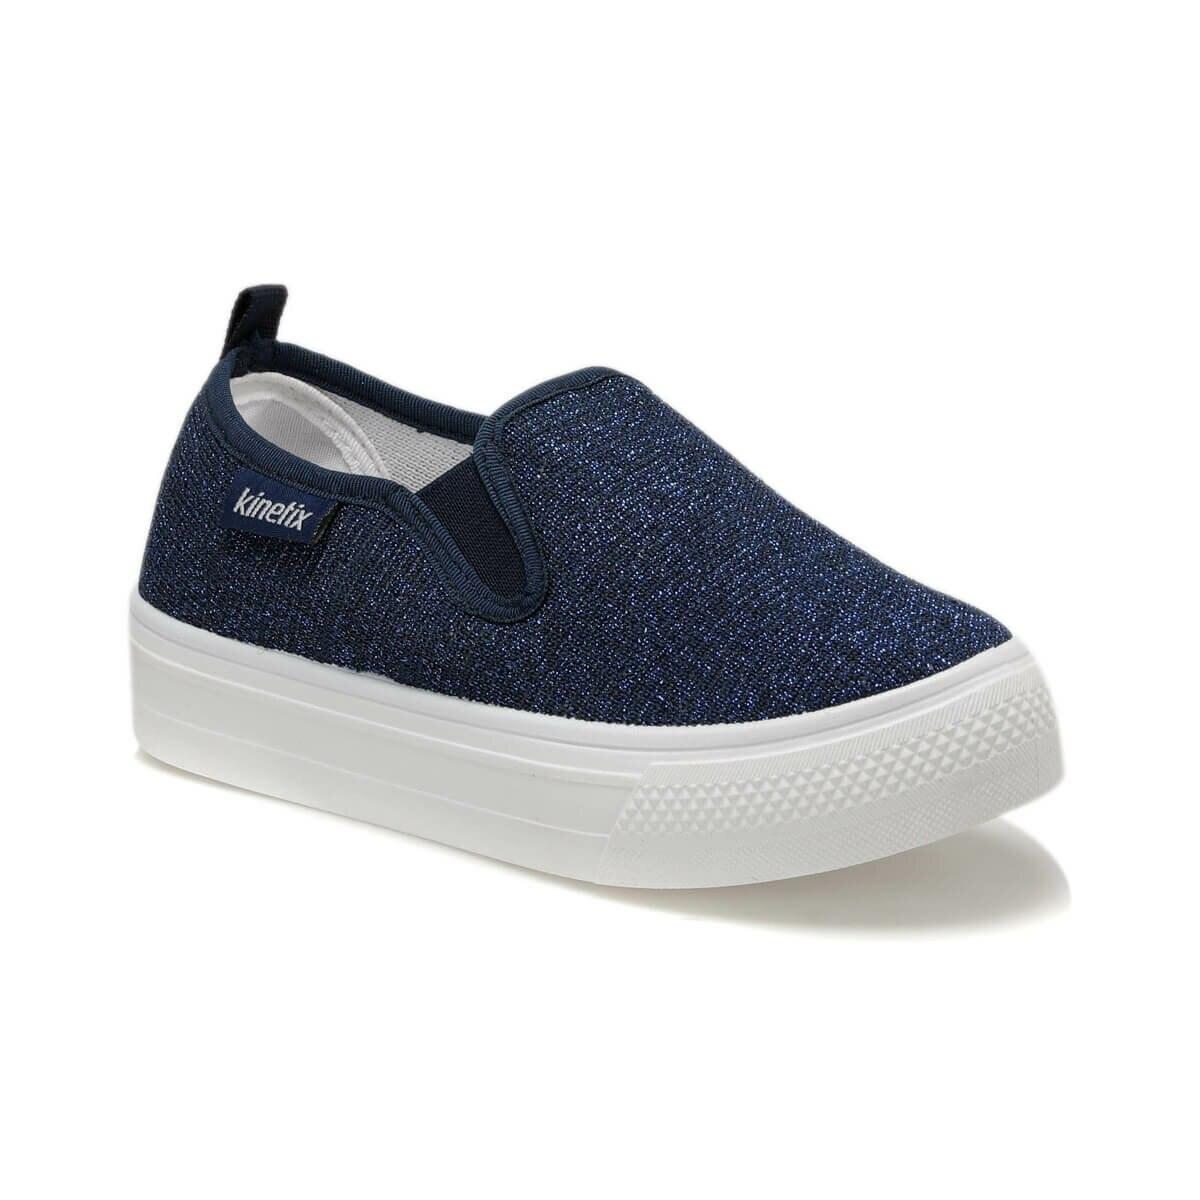 FLO ELISHA Navy Blue Female Child Slip On Shoes KINETIX